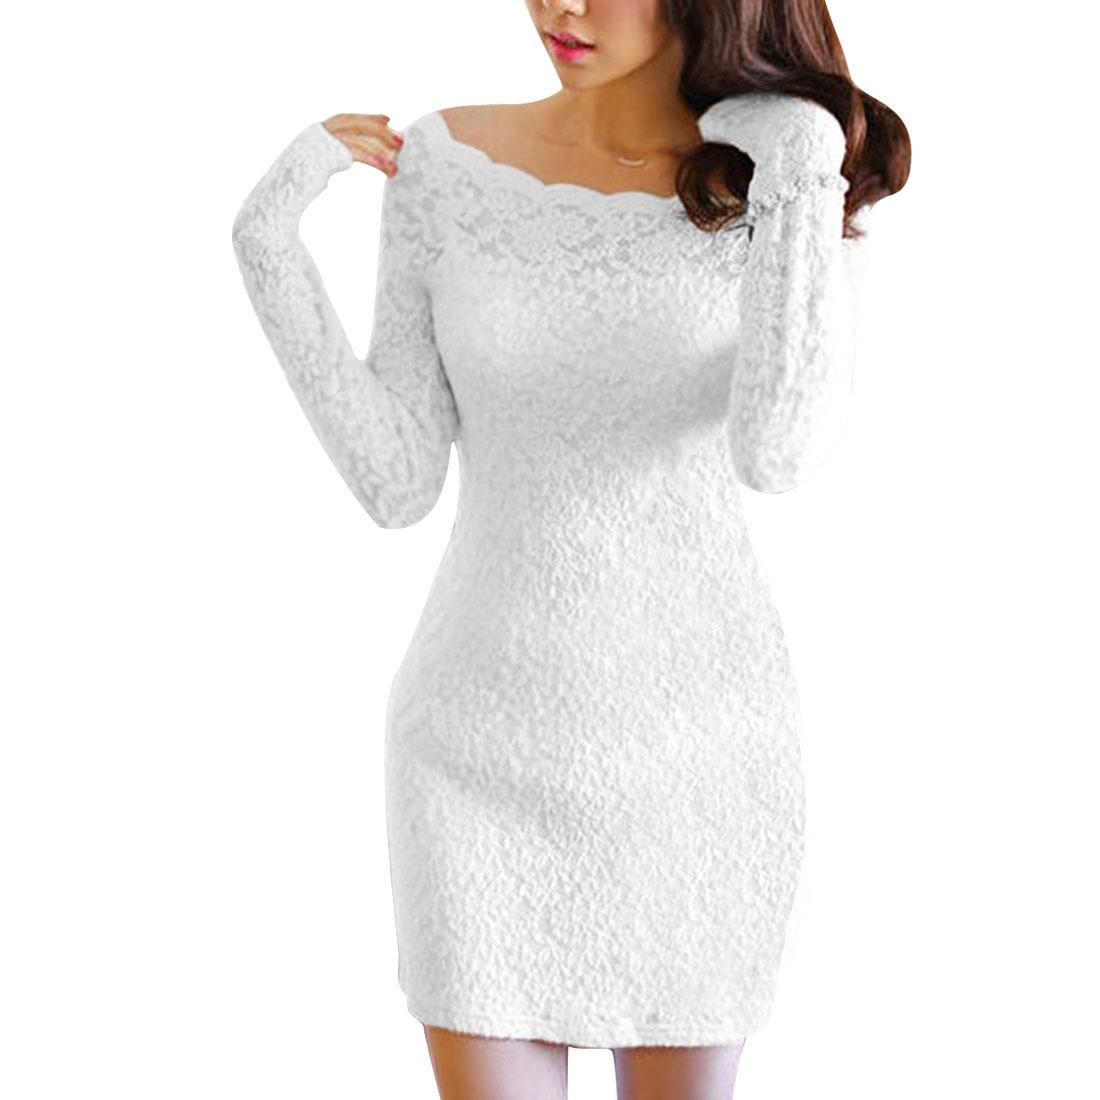 Lady Stylish Slim Boat Neck Long-sleeved Lining White Lace Dress XS